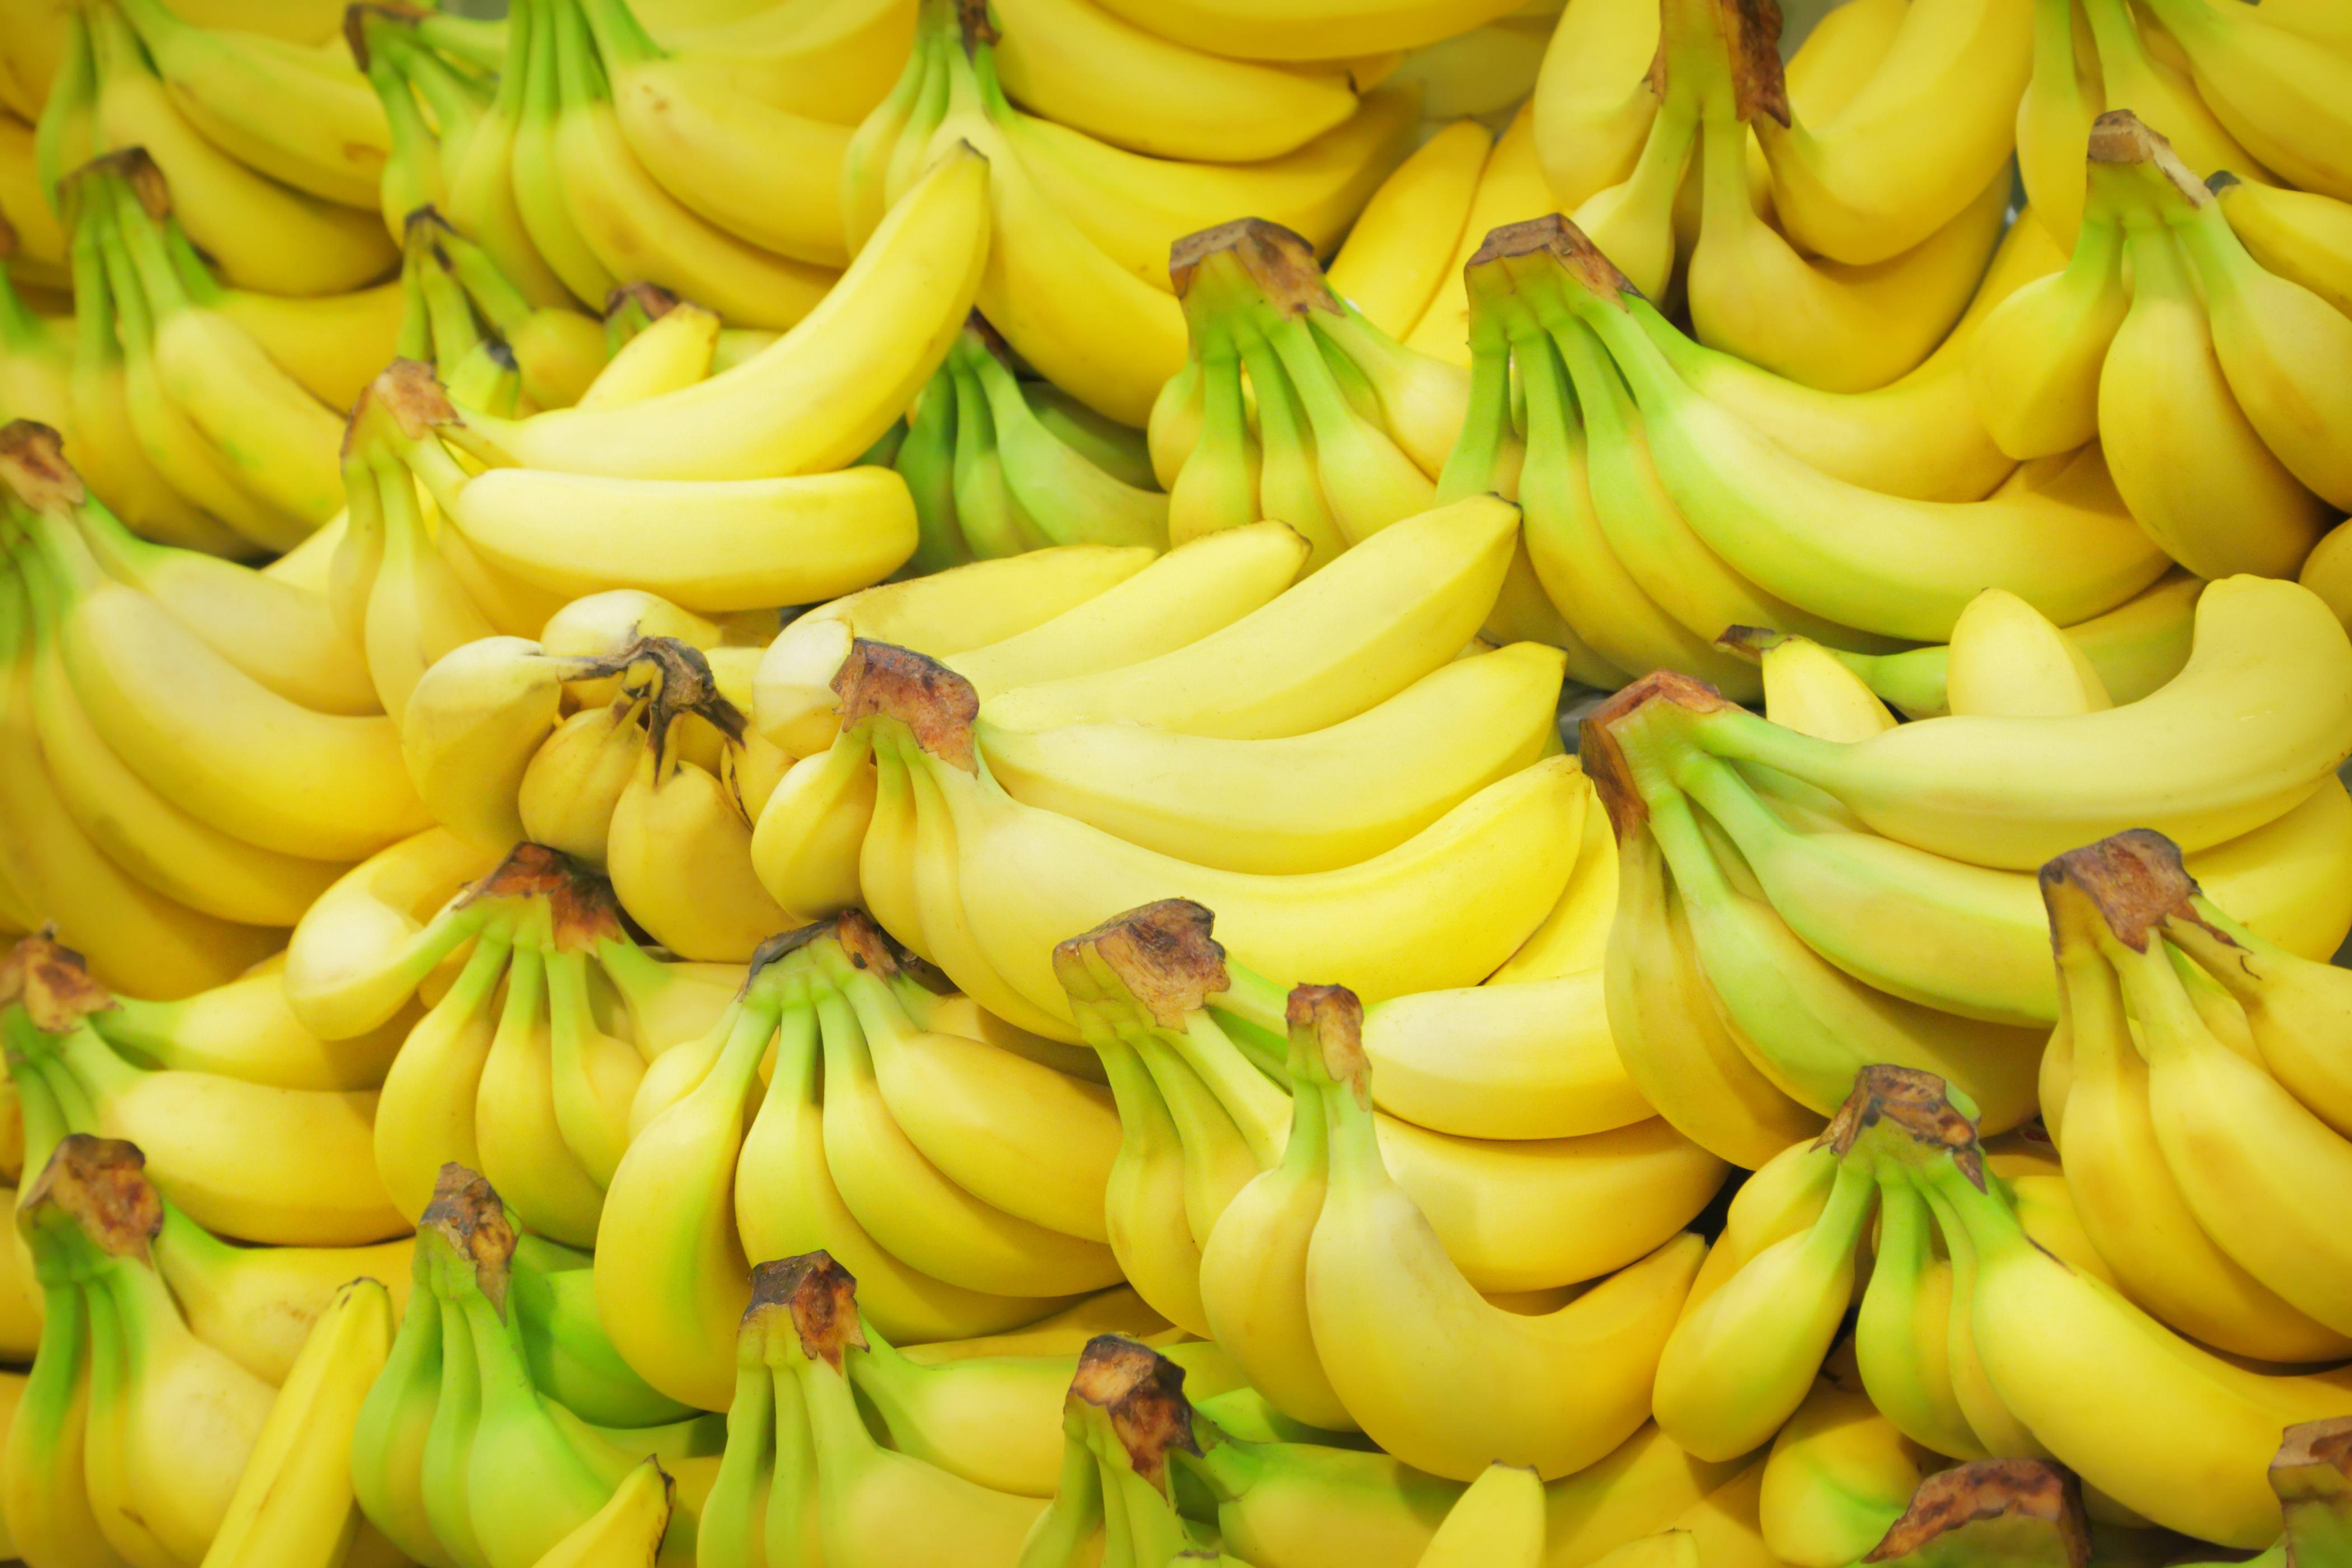 Цифры на этикетках бананов! Хватит вводить людей в заблуждение! Они ничего не значат!